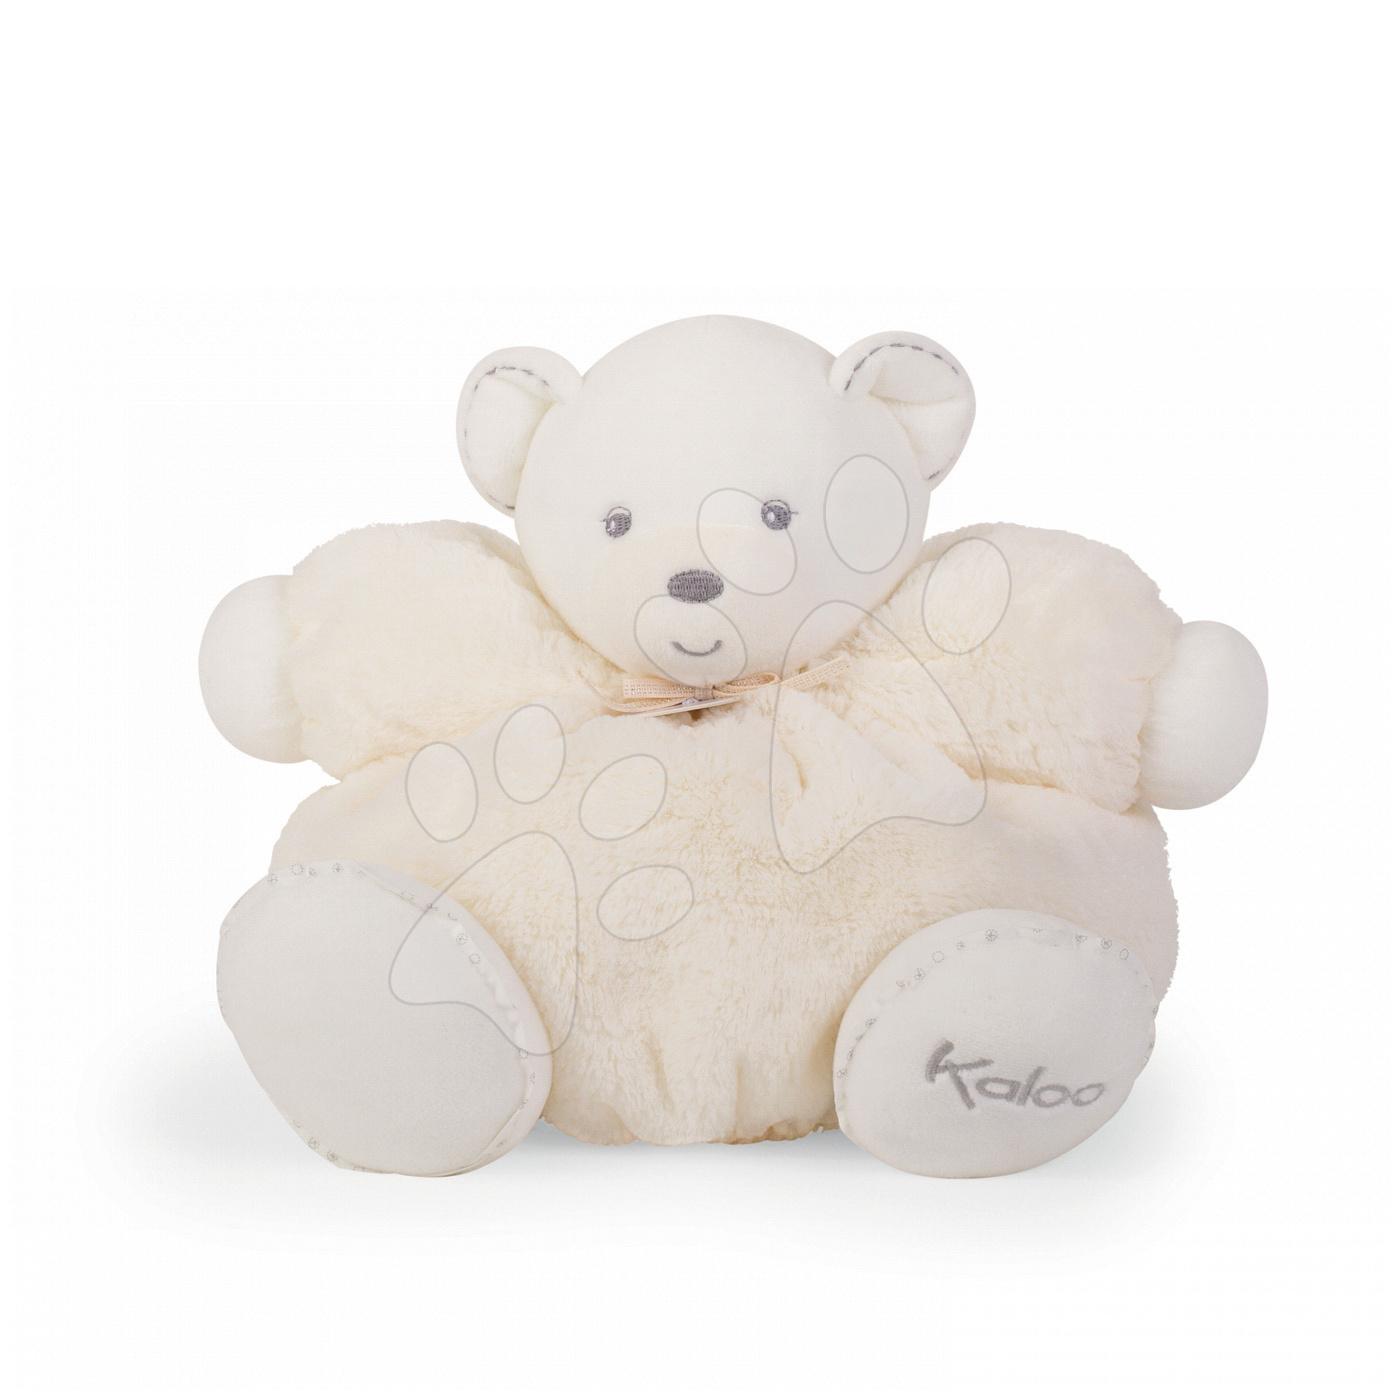 Plyšový medvedík Perle-Chubby Bear Kaloo s hrkálkou 30 cm v darčekovom balení pre najmenších krémový